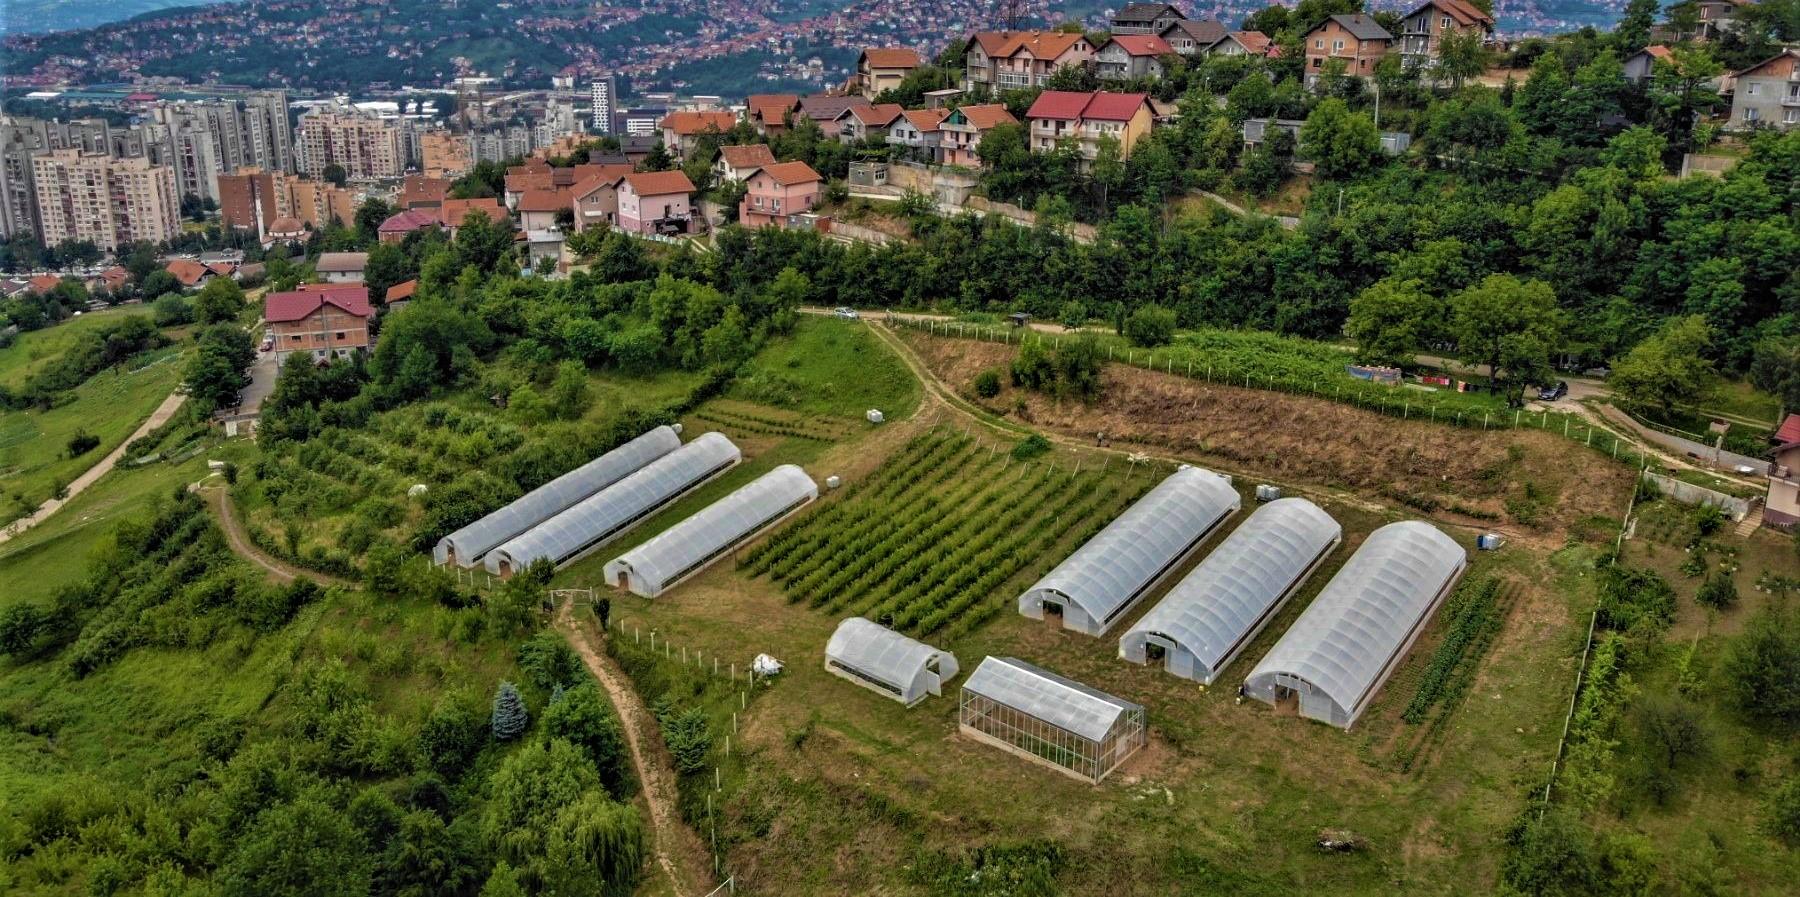 Prošireni proizvodni kapaciteti: Očekujemo 13 tona prinosa zdravih ekoloških poljoprivrednih proizvoda